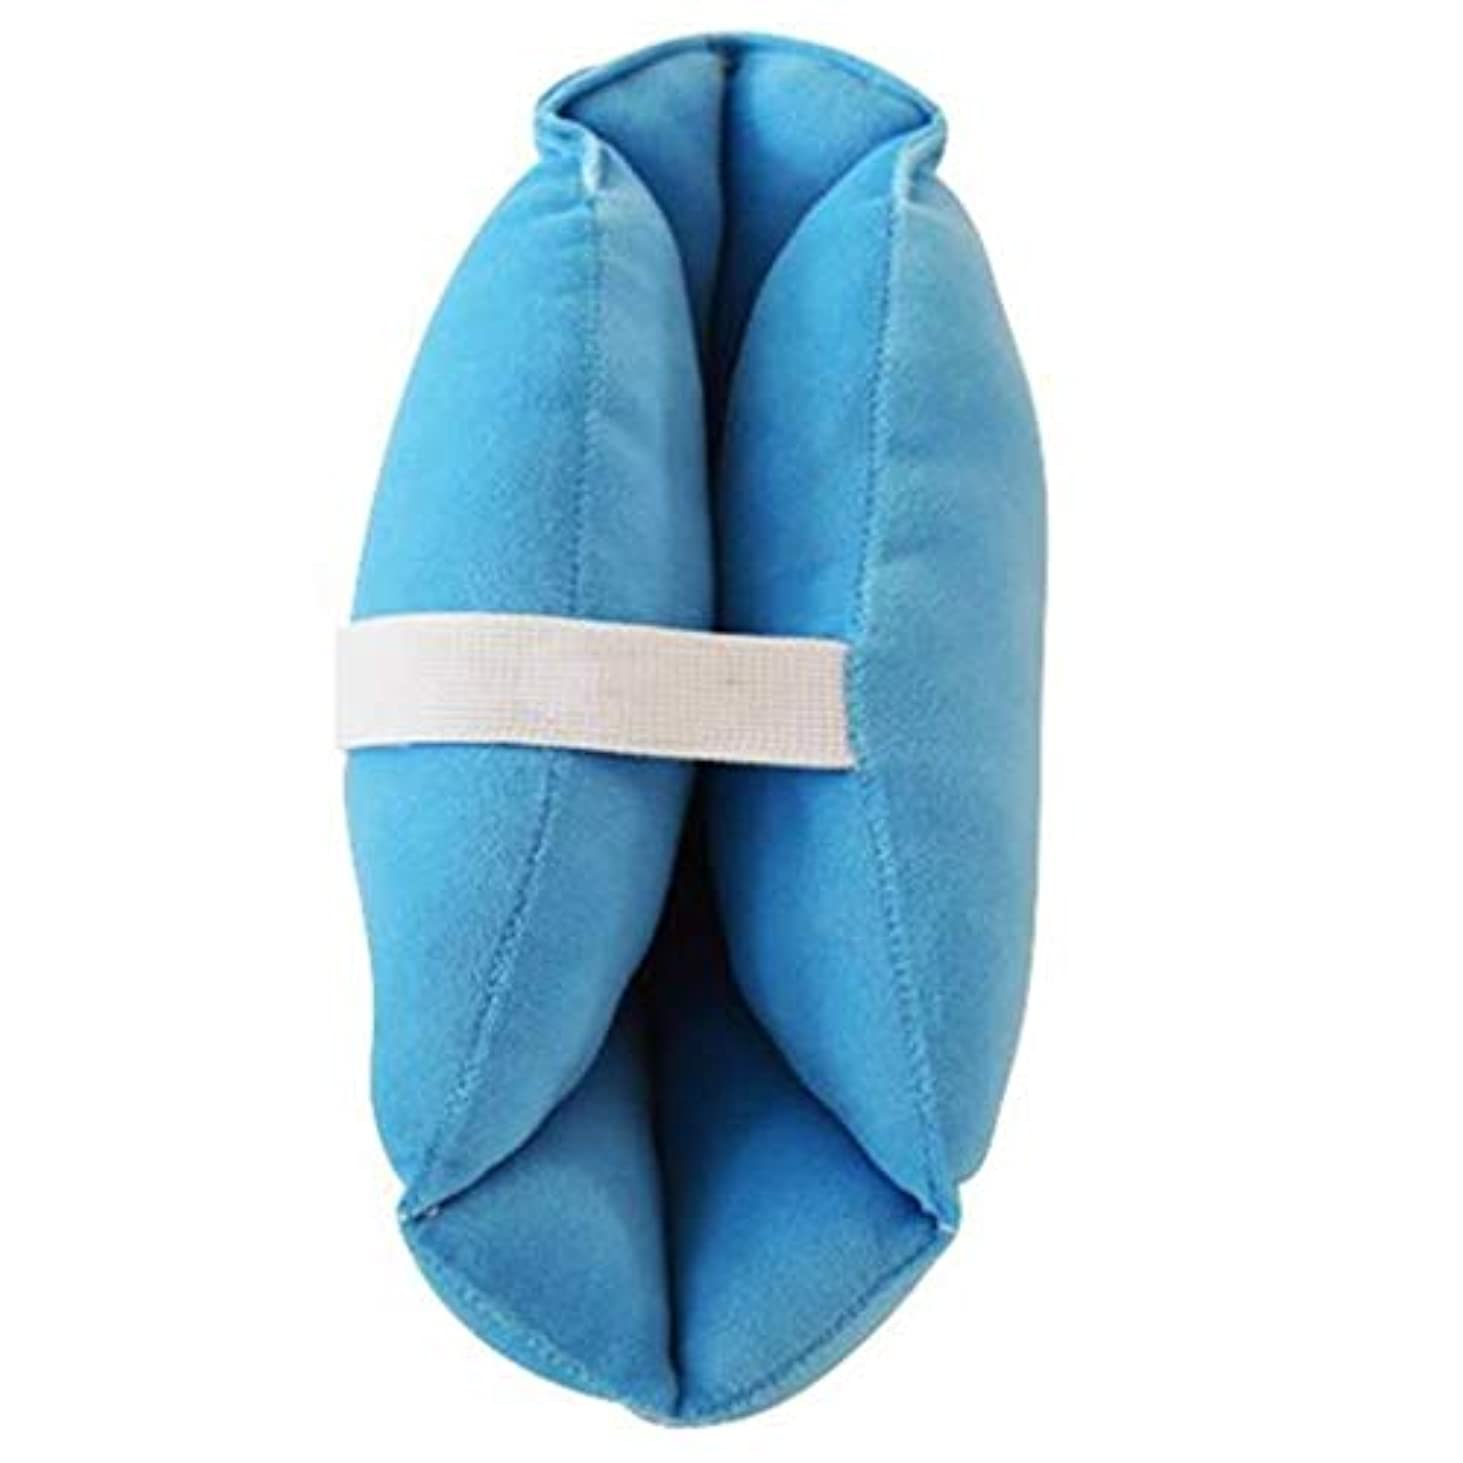 集団的求める修正するソフトで快適なヒールプロテクター枕、ヒールフローティングヒールプロテクター、,瘡のためのアキレス腱プロテクター、高齢者の足矯正カバー (Color : 1pair)